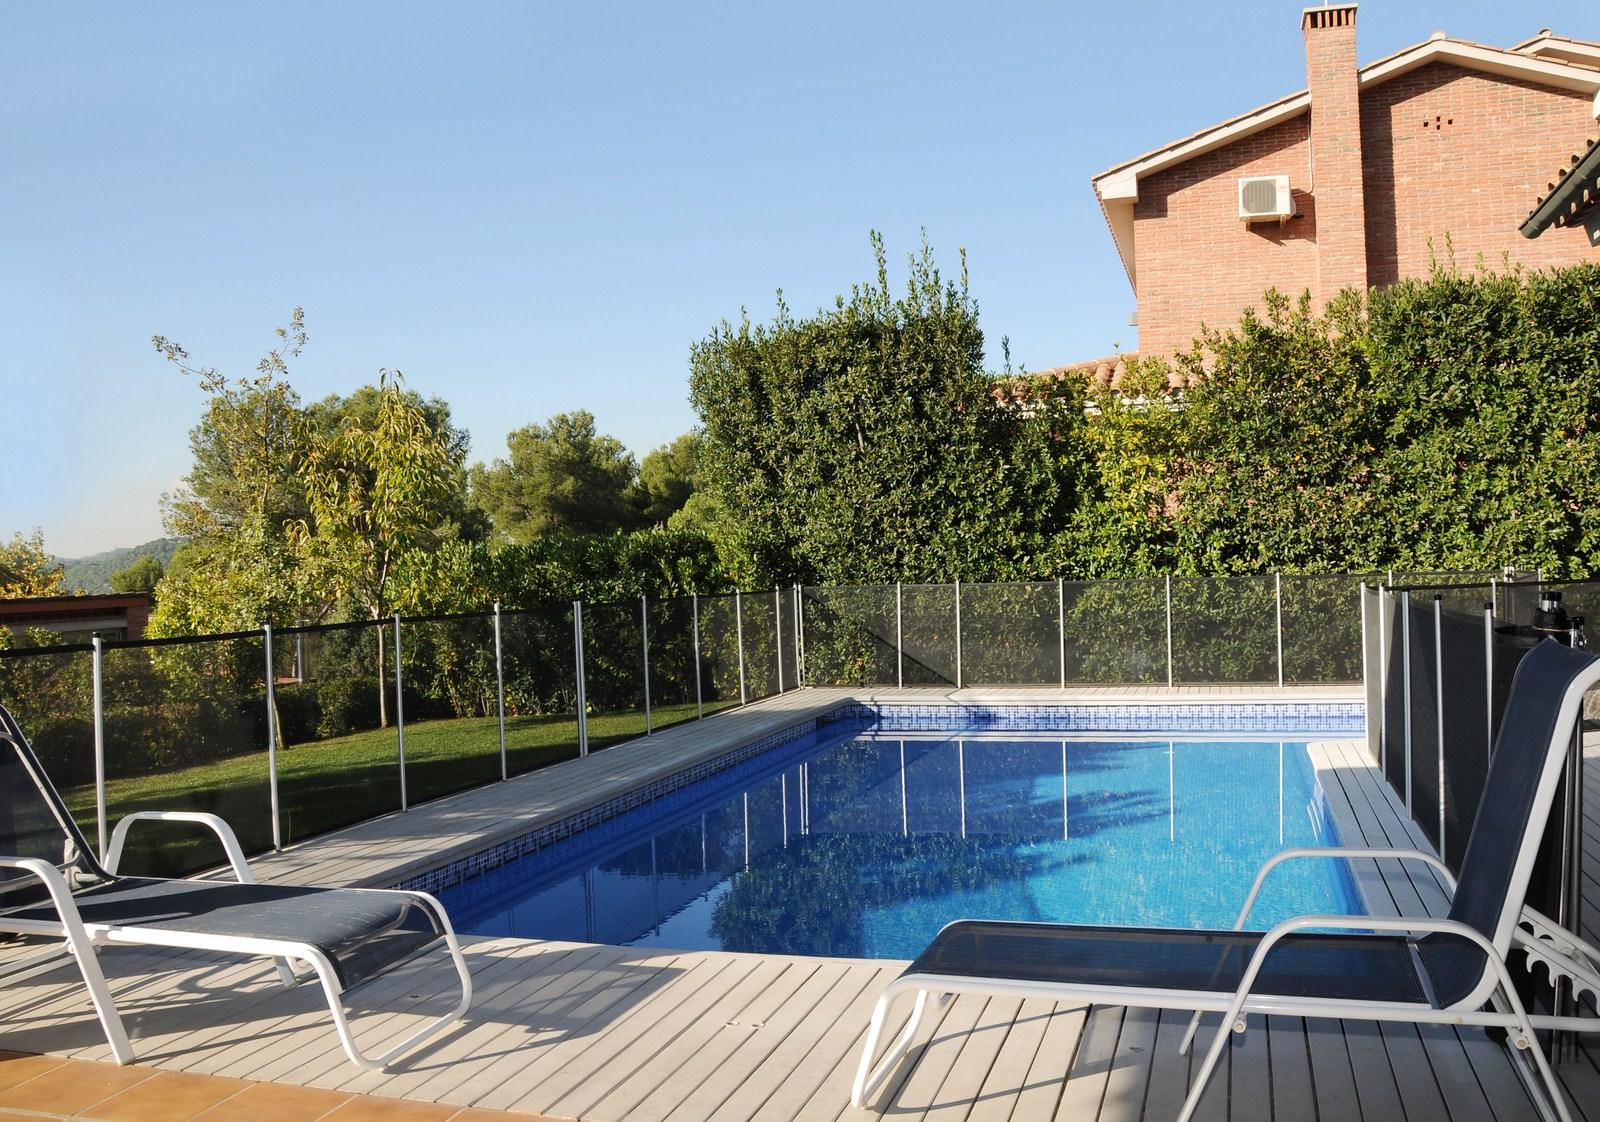 piscinas para jardines